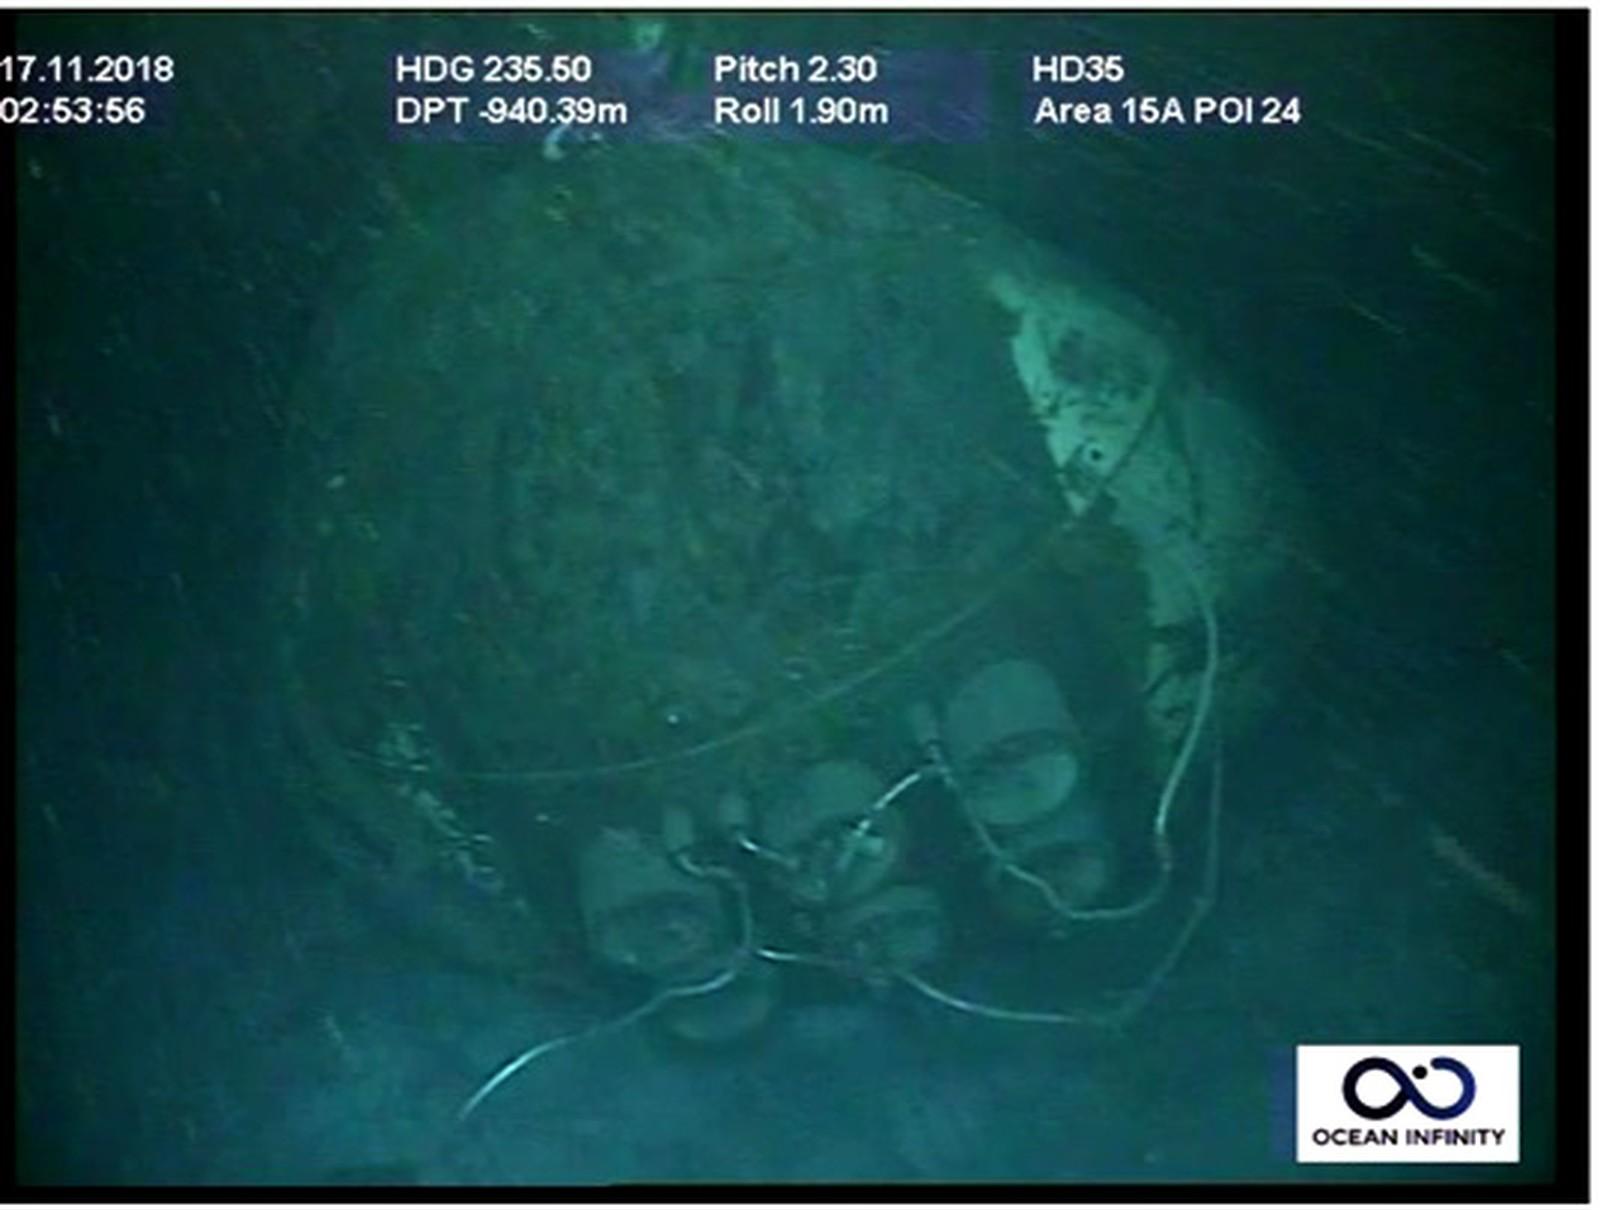 Imagem mostra proa e tubos de torpedo do submarino argentino ARA San Juan — Foto Marinha Argentina